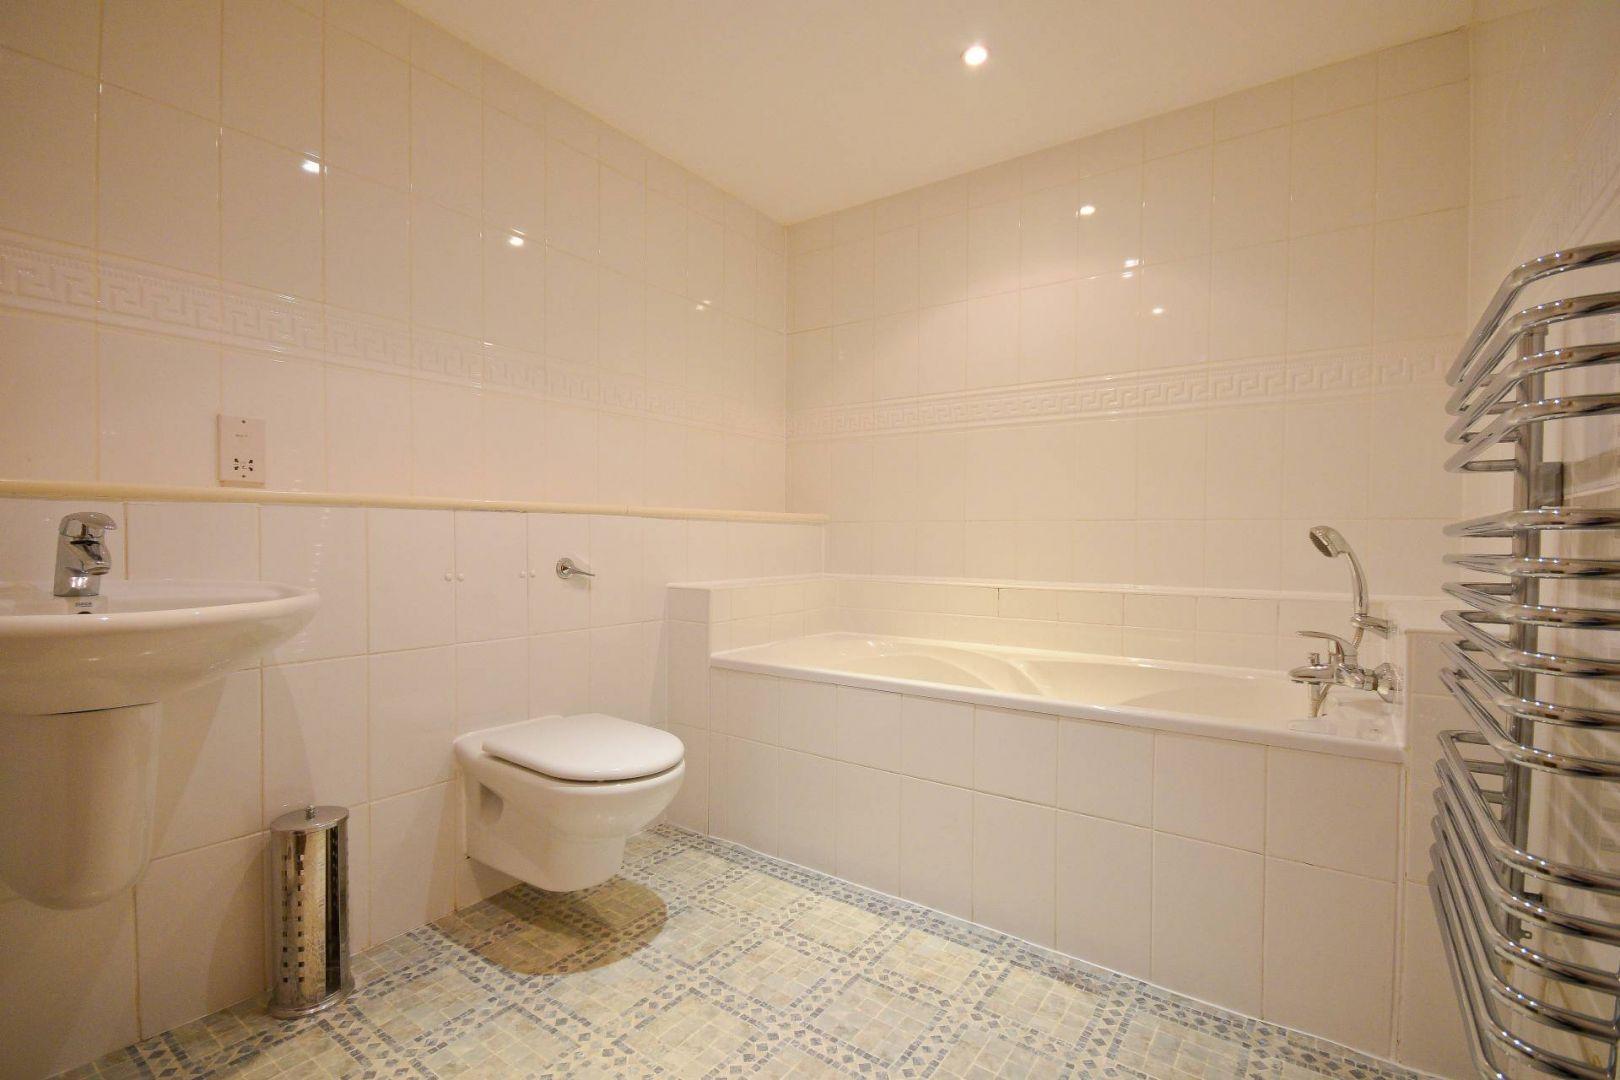 Greenwich Apartments, Southampton SO14 2GJ